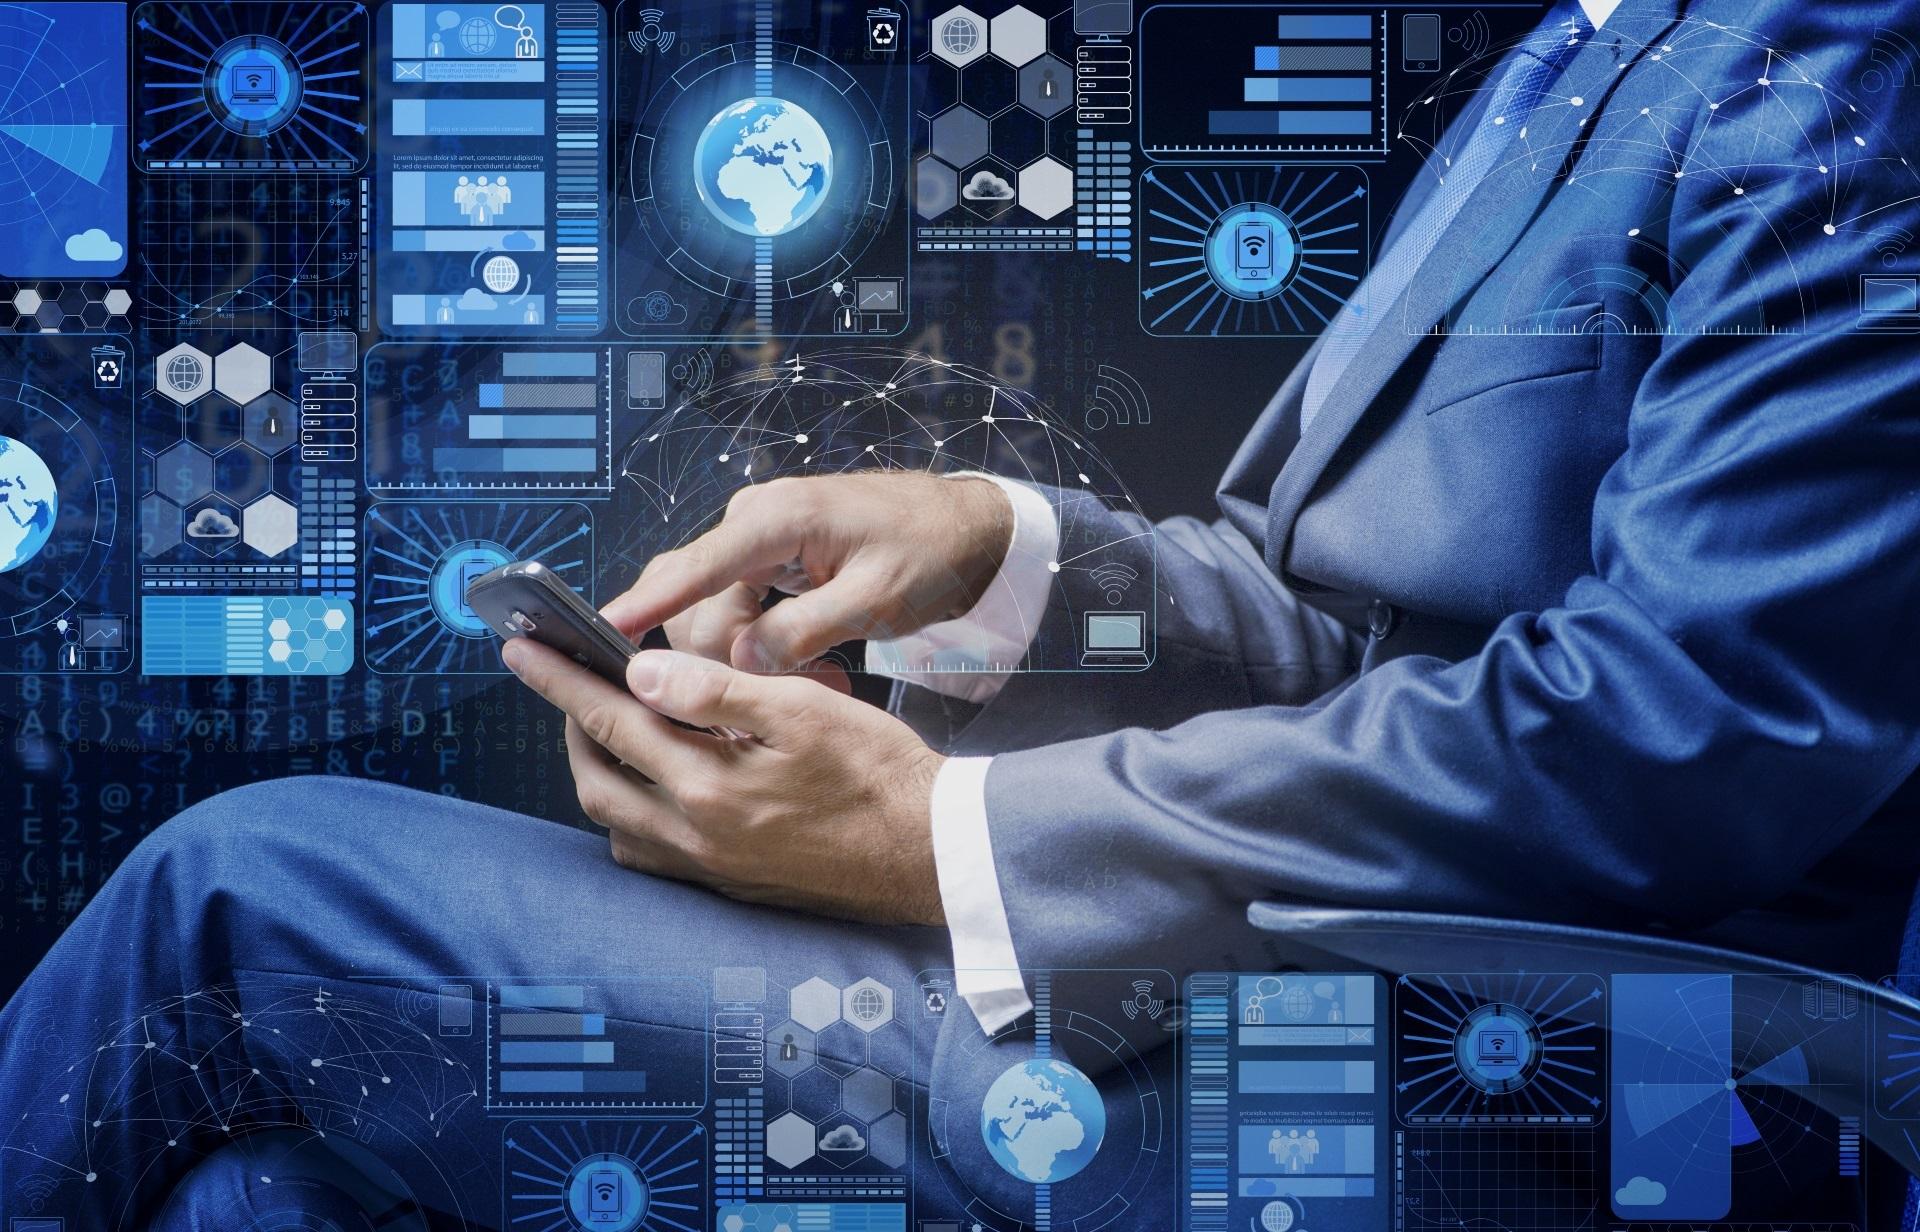 Инновационные технологии и программное обеспечение в сфере сервиса